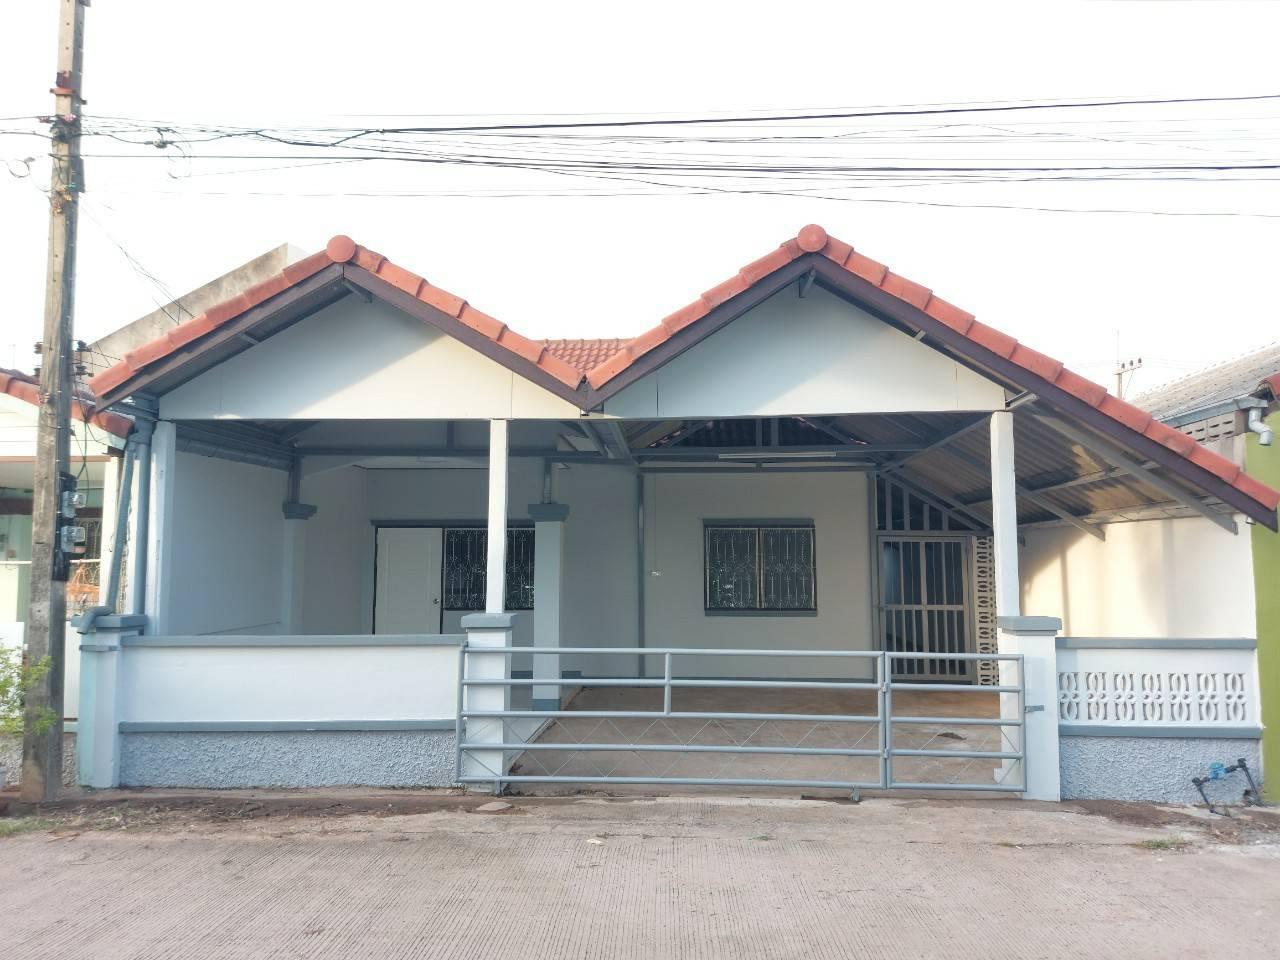 บ้านแฝดชั้นเดียว พื้นที่ 31 ตรว. ทำเลดี ใกล้ตลาดต้นตาล หนองโคต ต.บ้านเป็ด อ.เมือง จ.ขอนแก่น